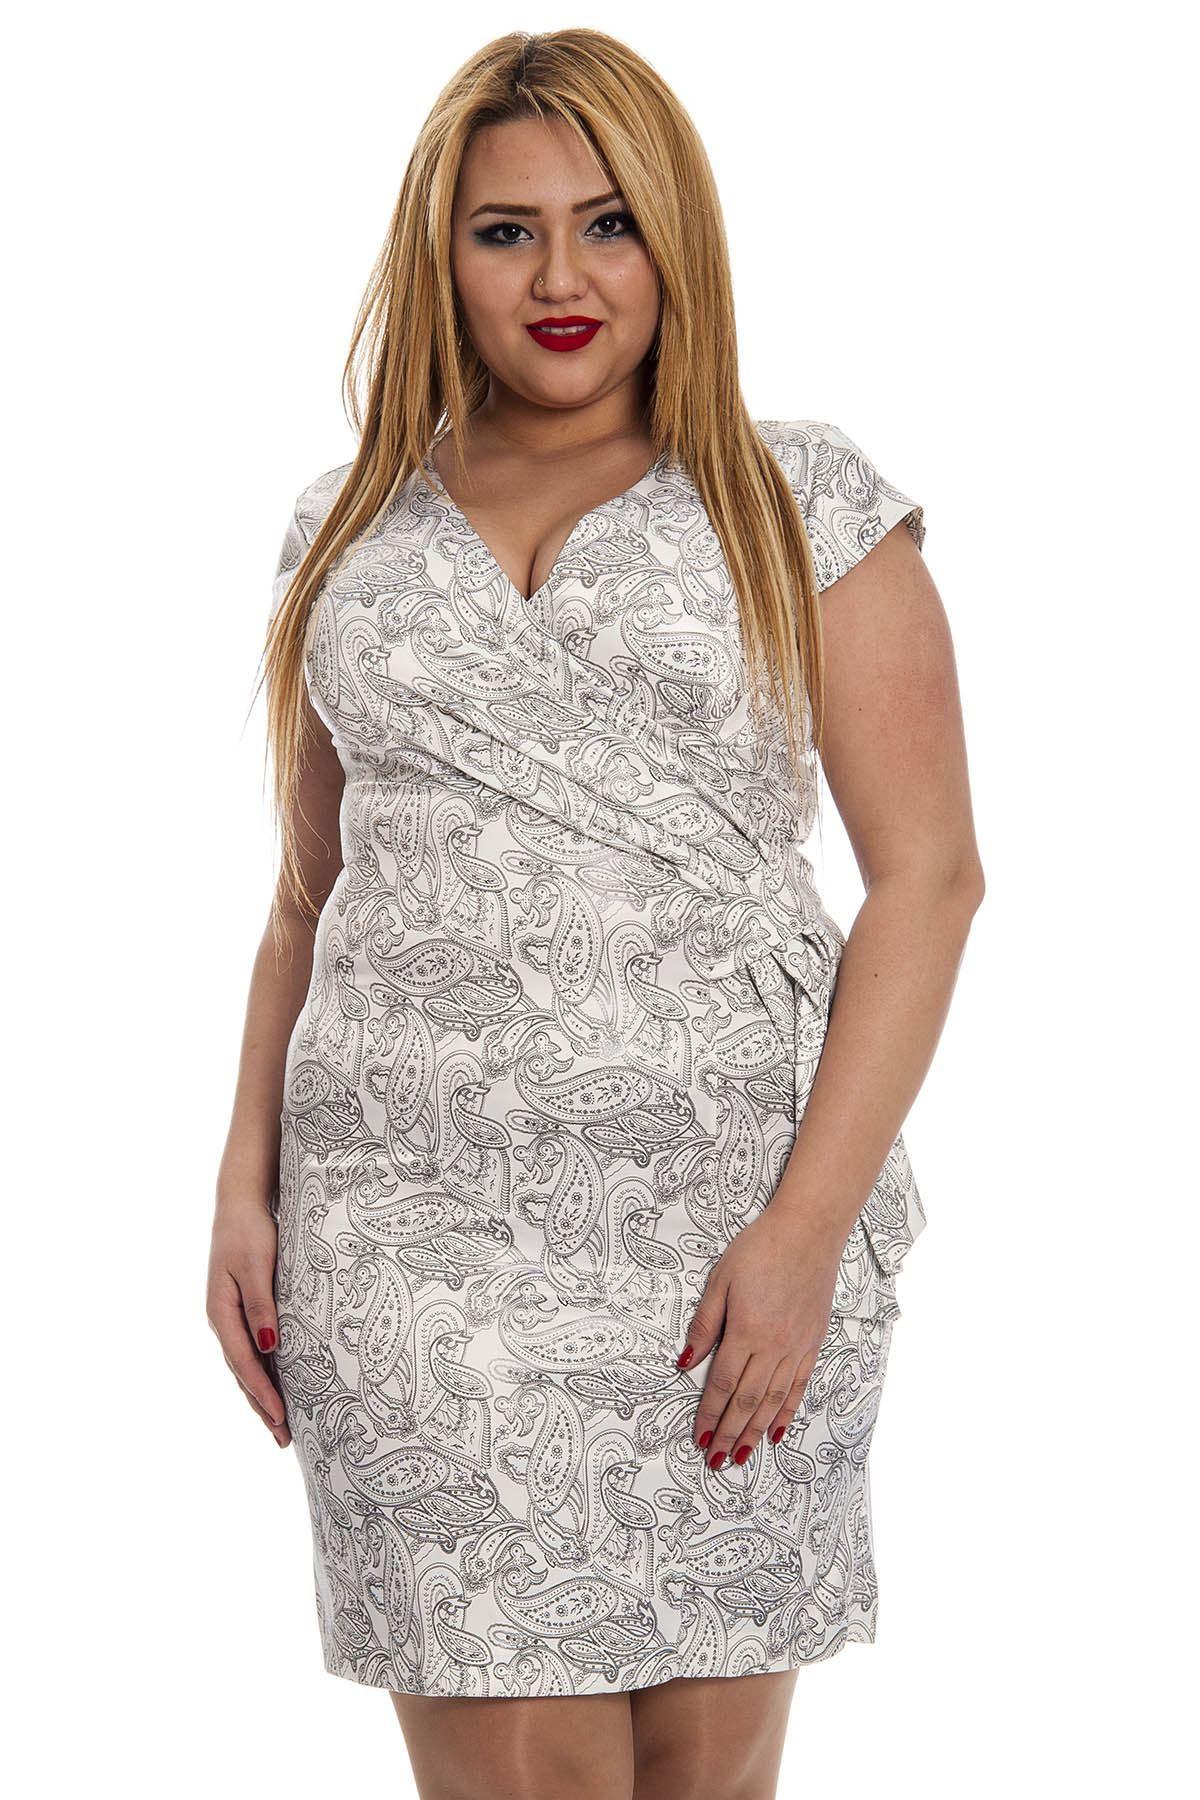 Büyük Beden Saten Desenli Kadın Elbise H12-132368